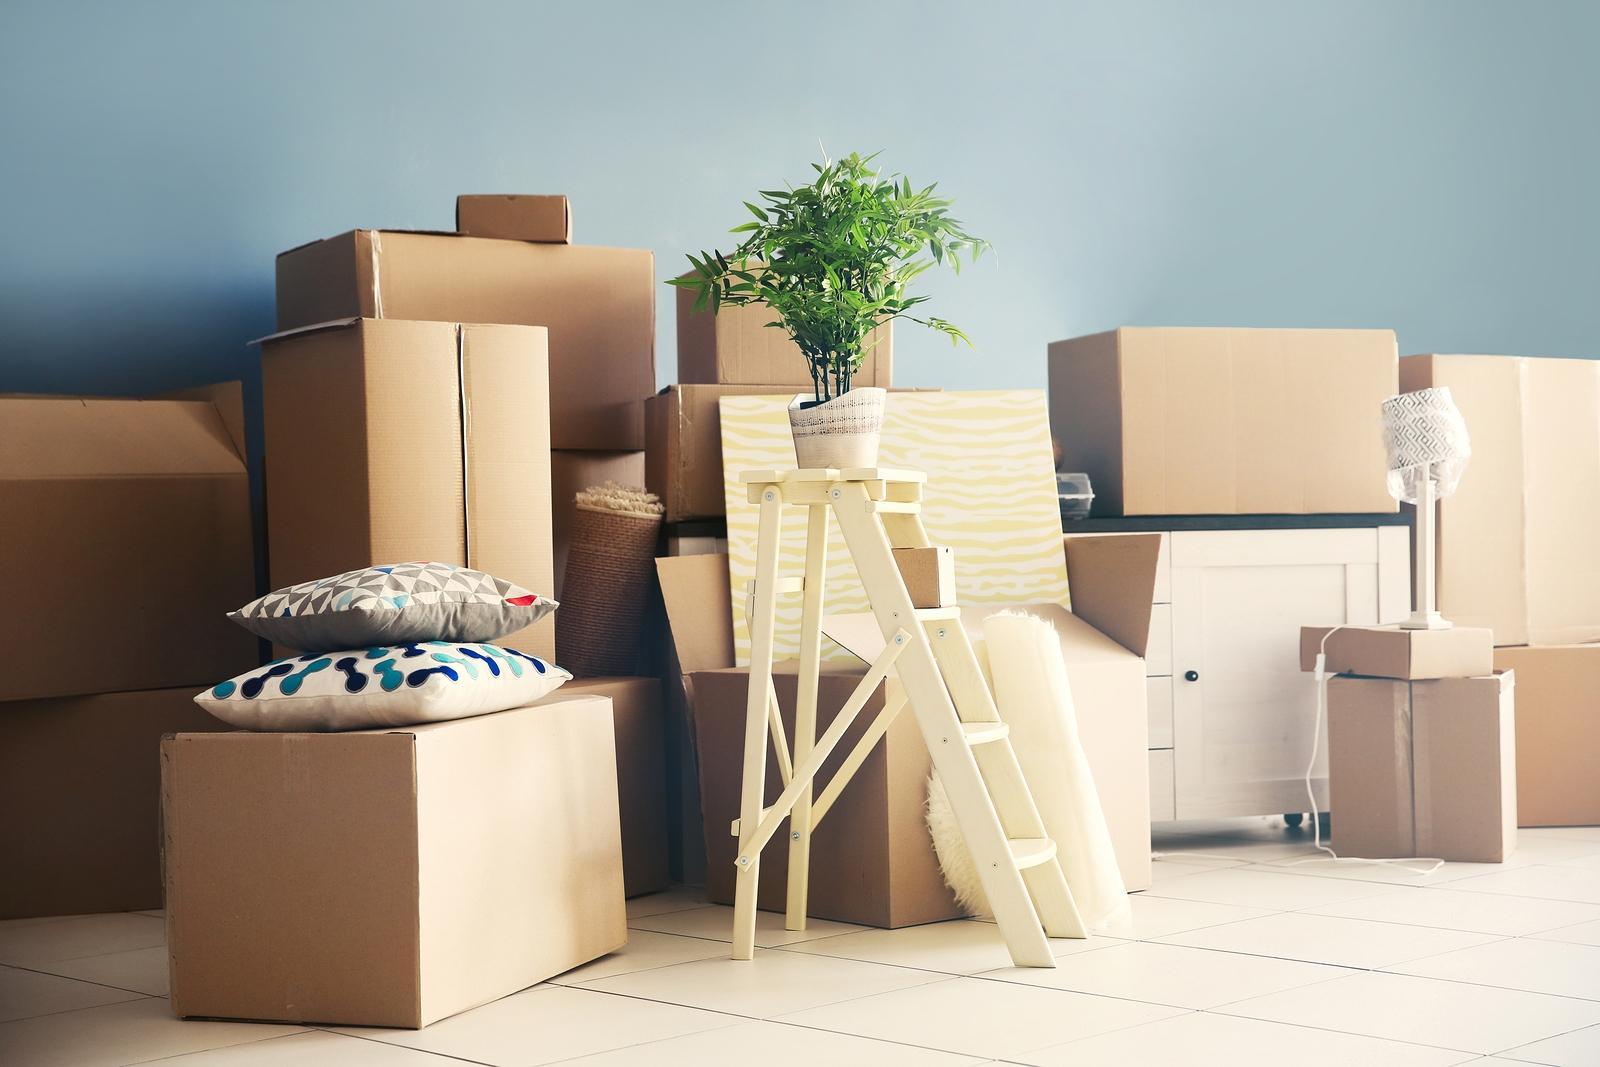 bigstock-Packed-household-goods